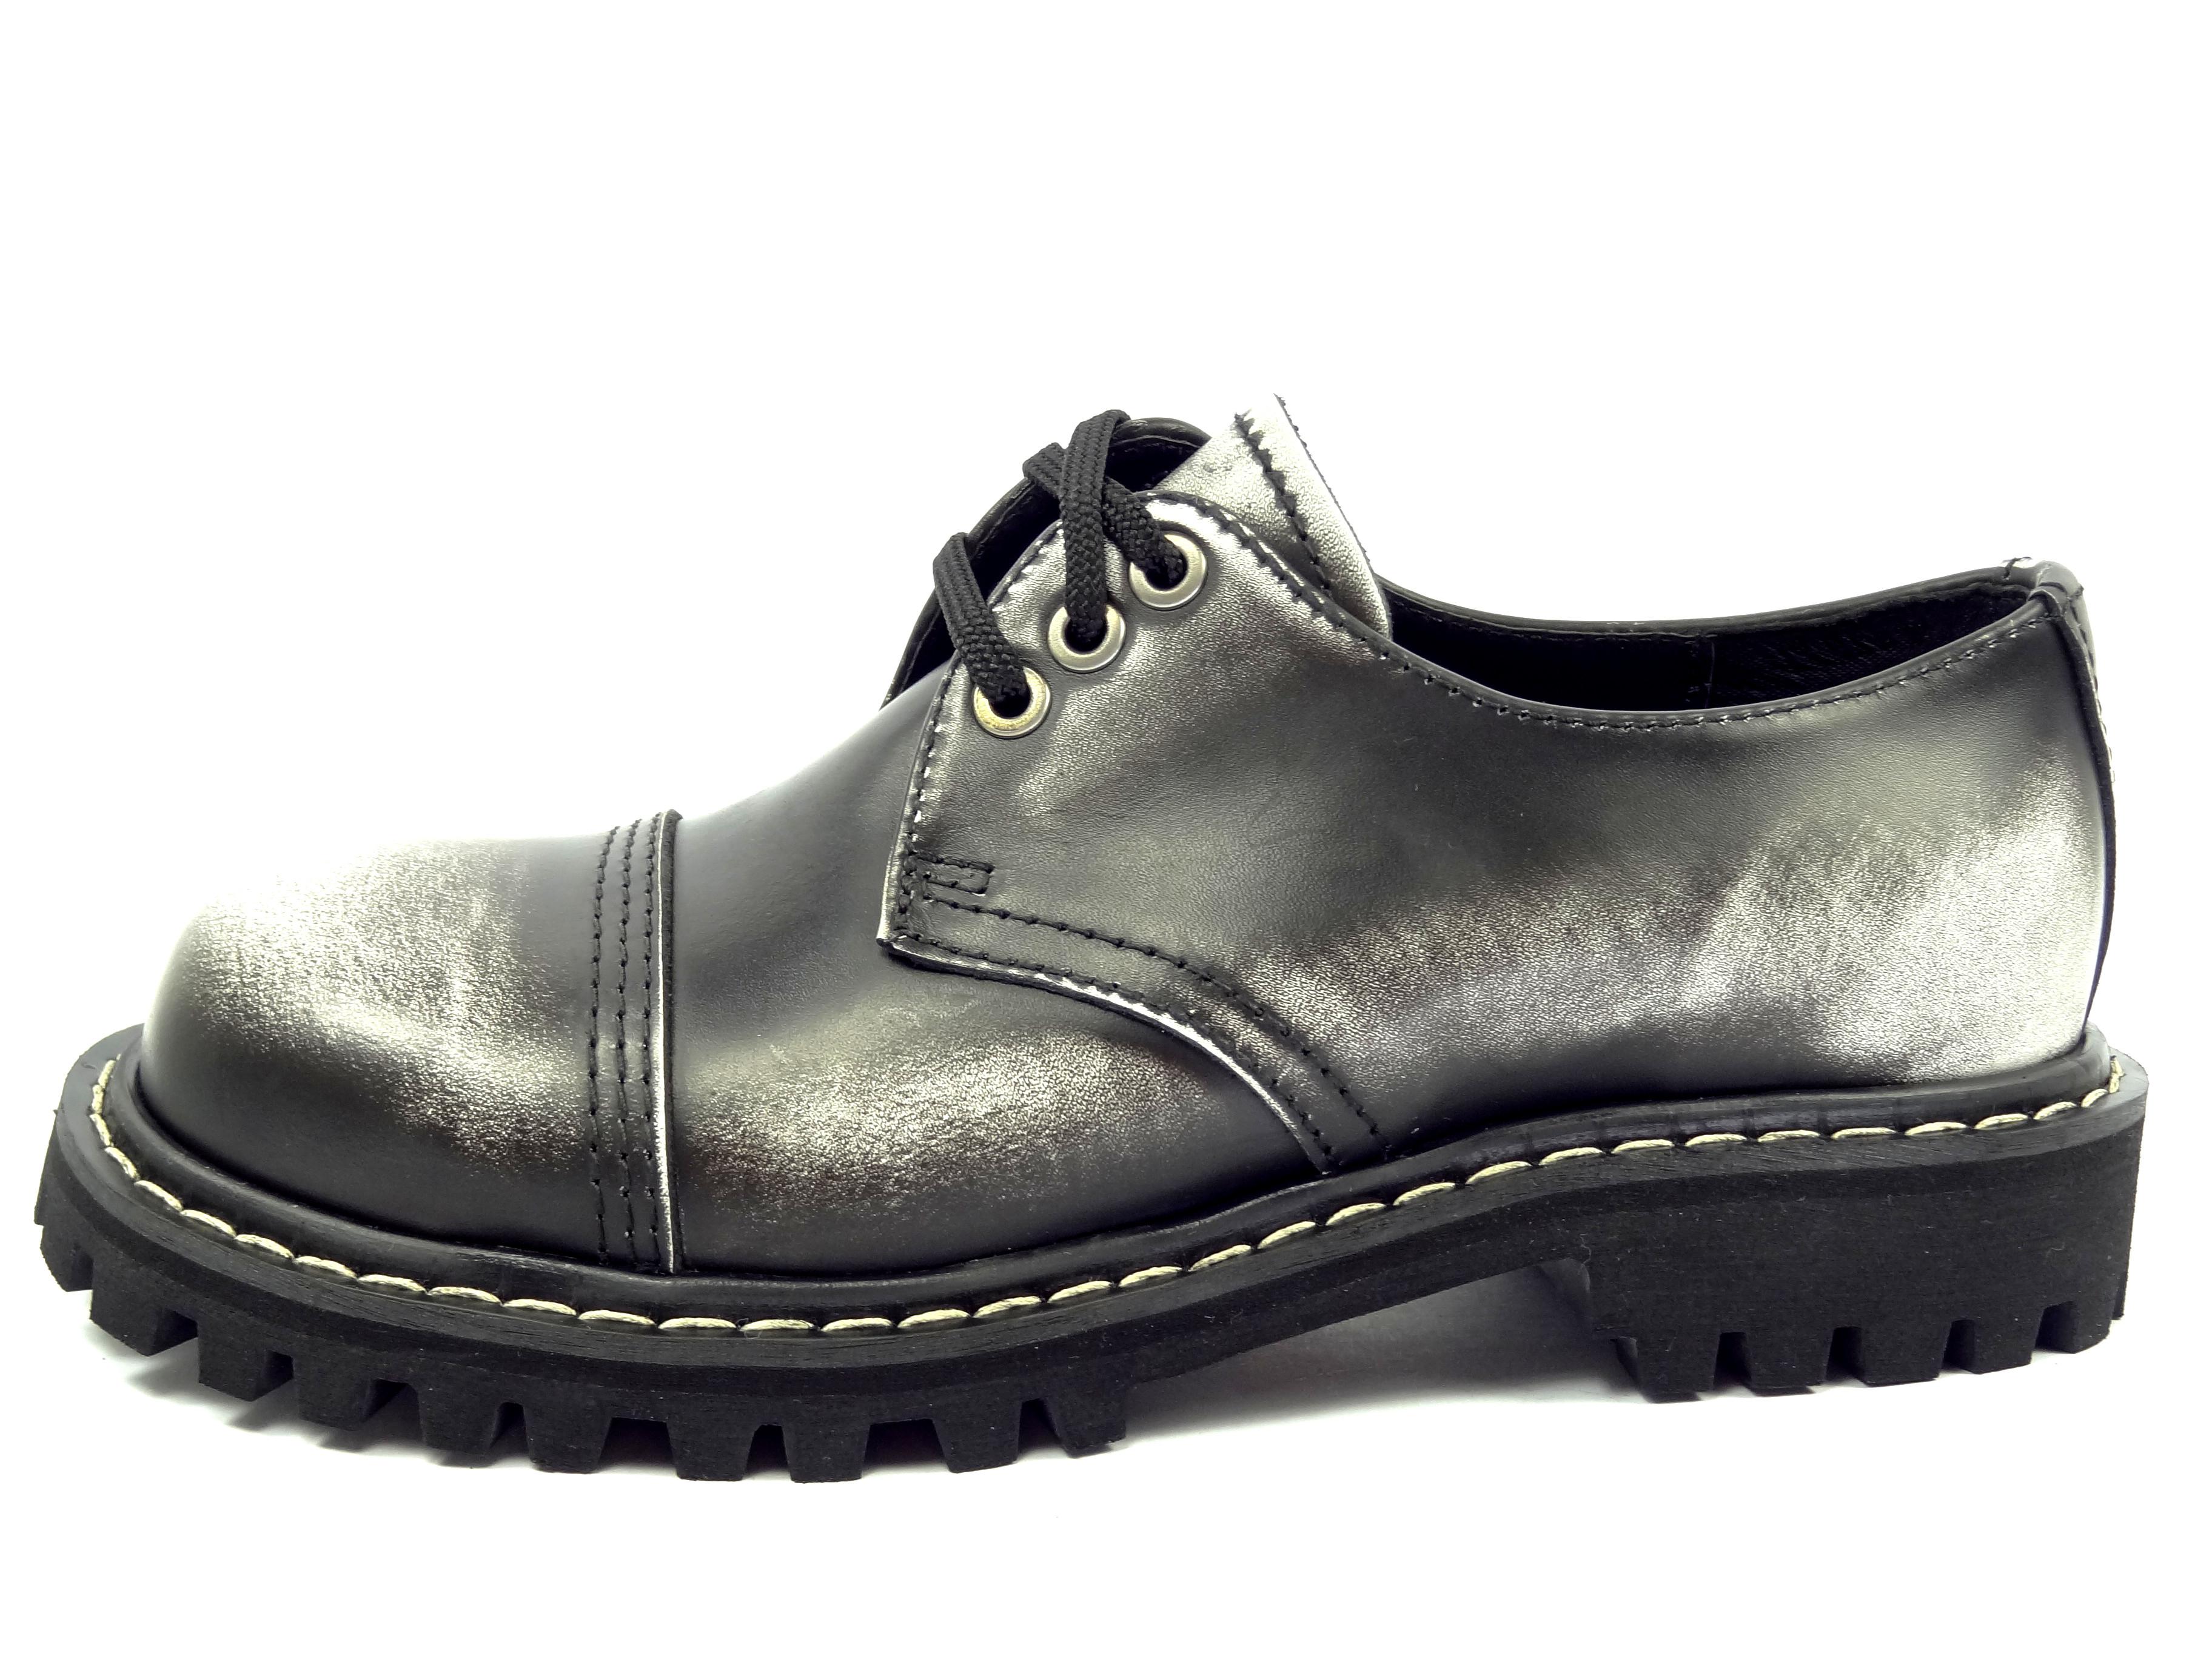 Opposition boty 3 dírkové bílé černé  2254f1f0b6